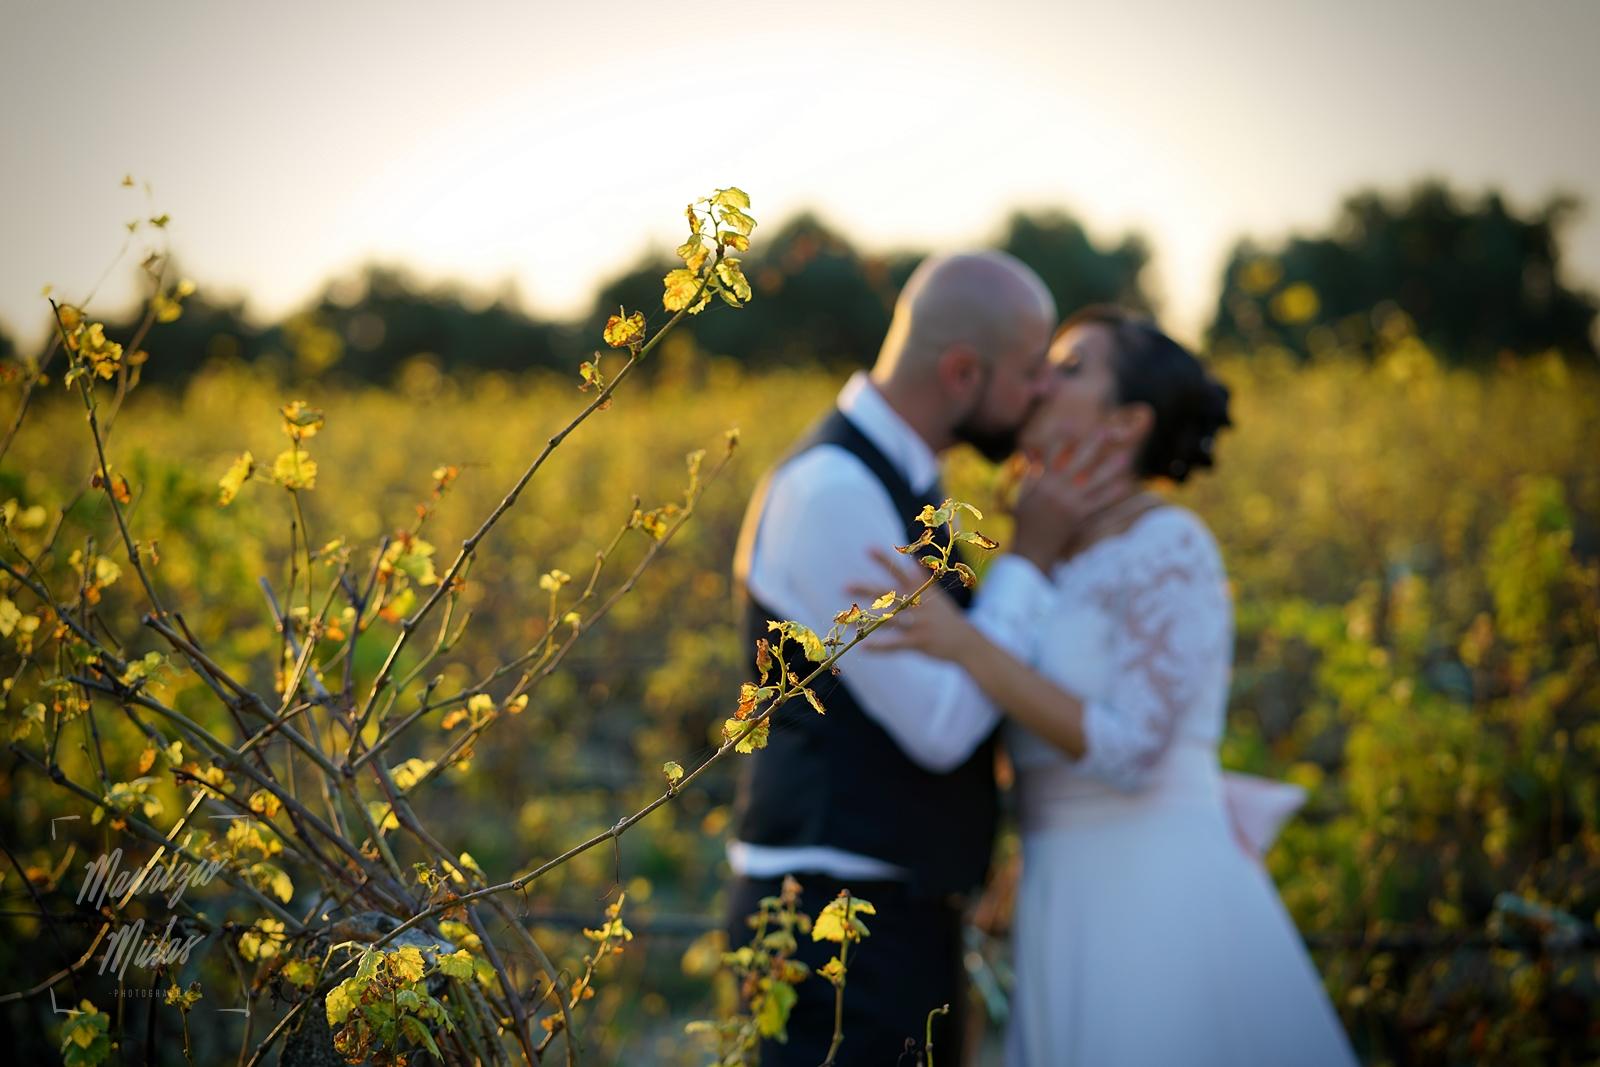 fotografia nozze